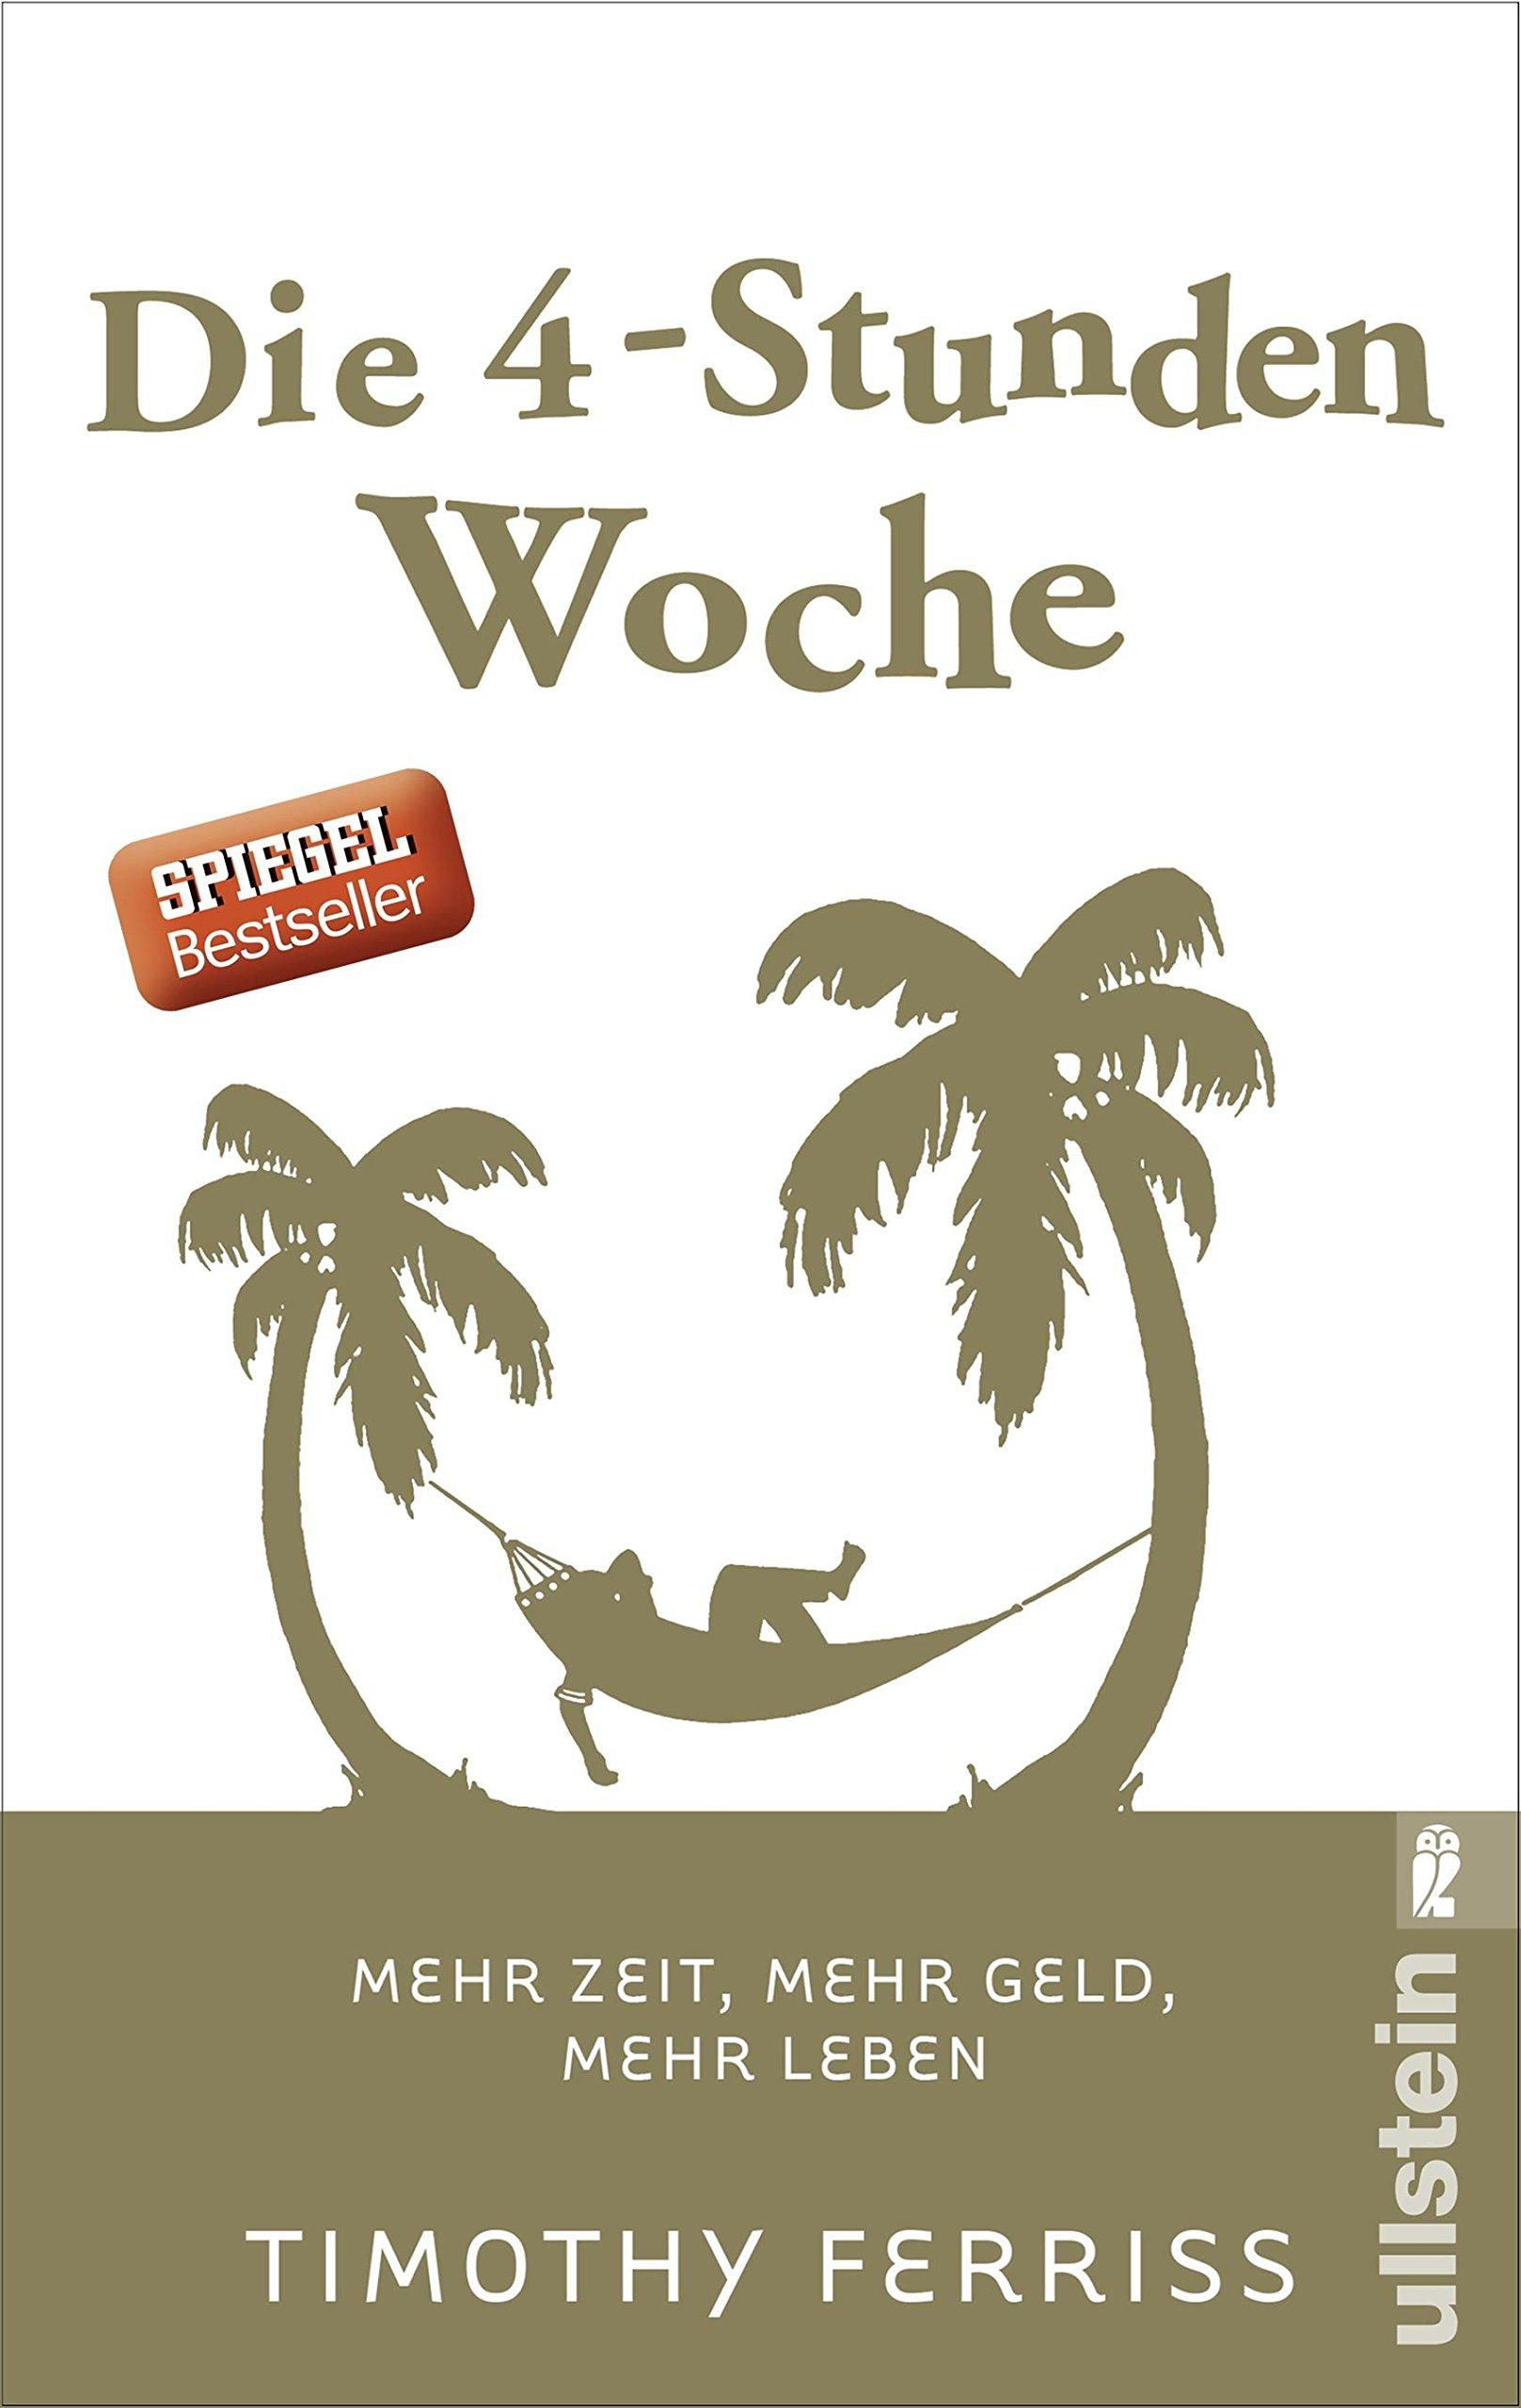 Die 4-Stunden-Woche: Mehr Zeit, mehr Geld, mehr Leben Taschenbuch – 10. Juli 2015 Timothy Ferriss Christoph Bausum Ullstein Taschenbuch 3548375960